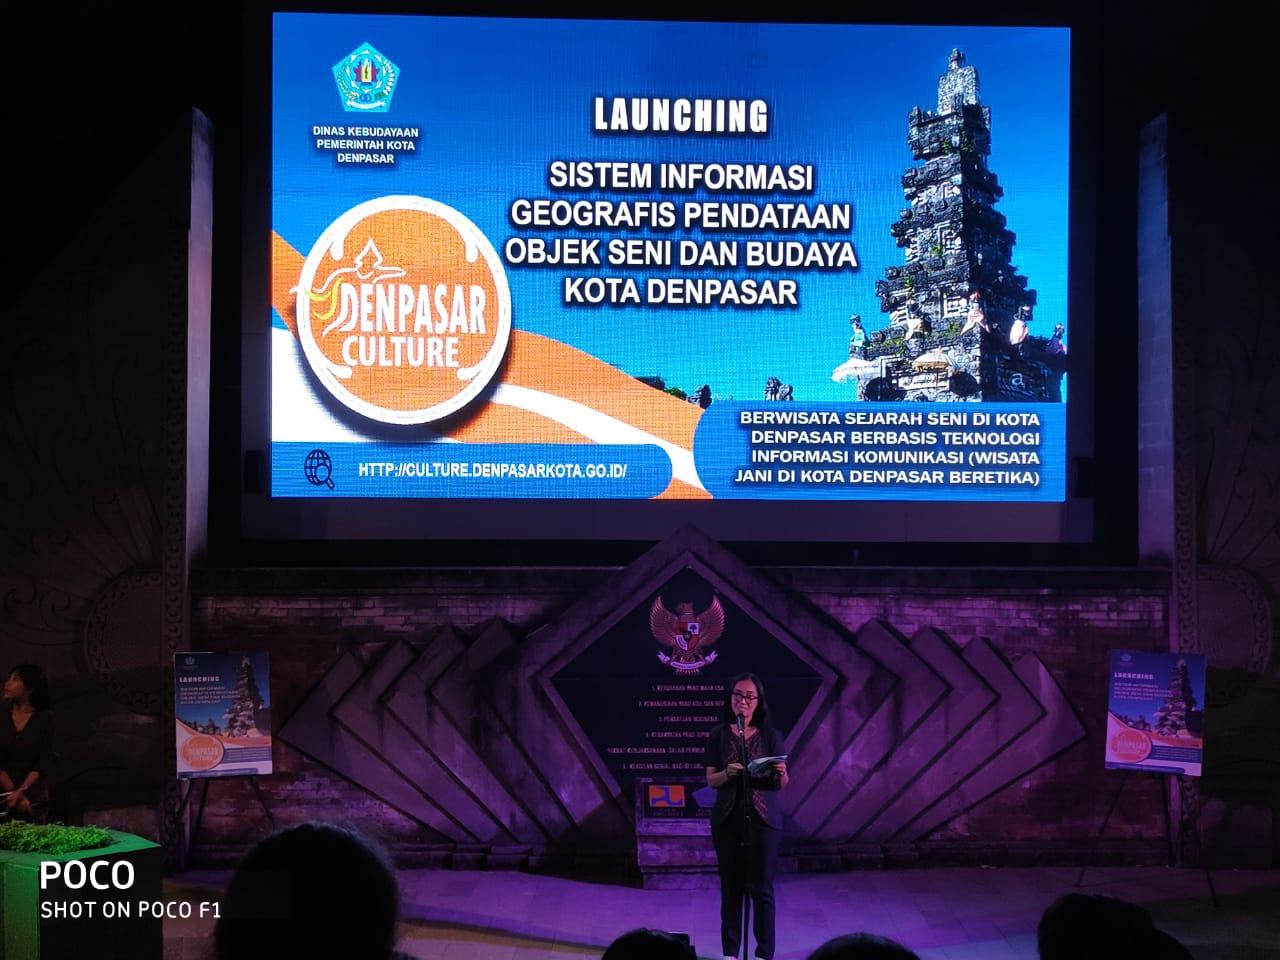 Kota Denpasar Kembangkan Sistem Informasi Dan Pendataan Obyek Seni Budaya Secara Online/theeast.co.id